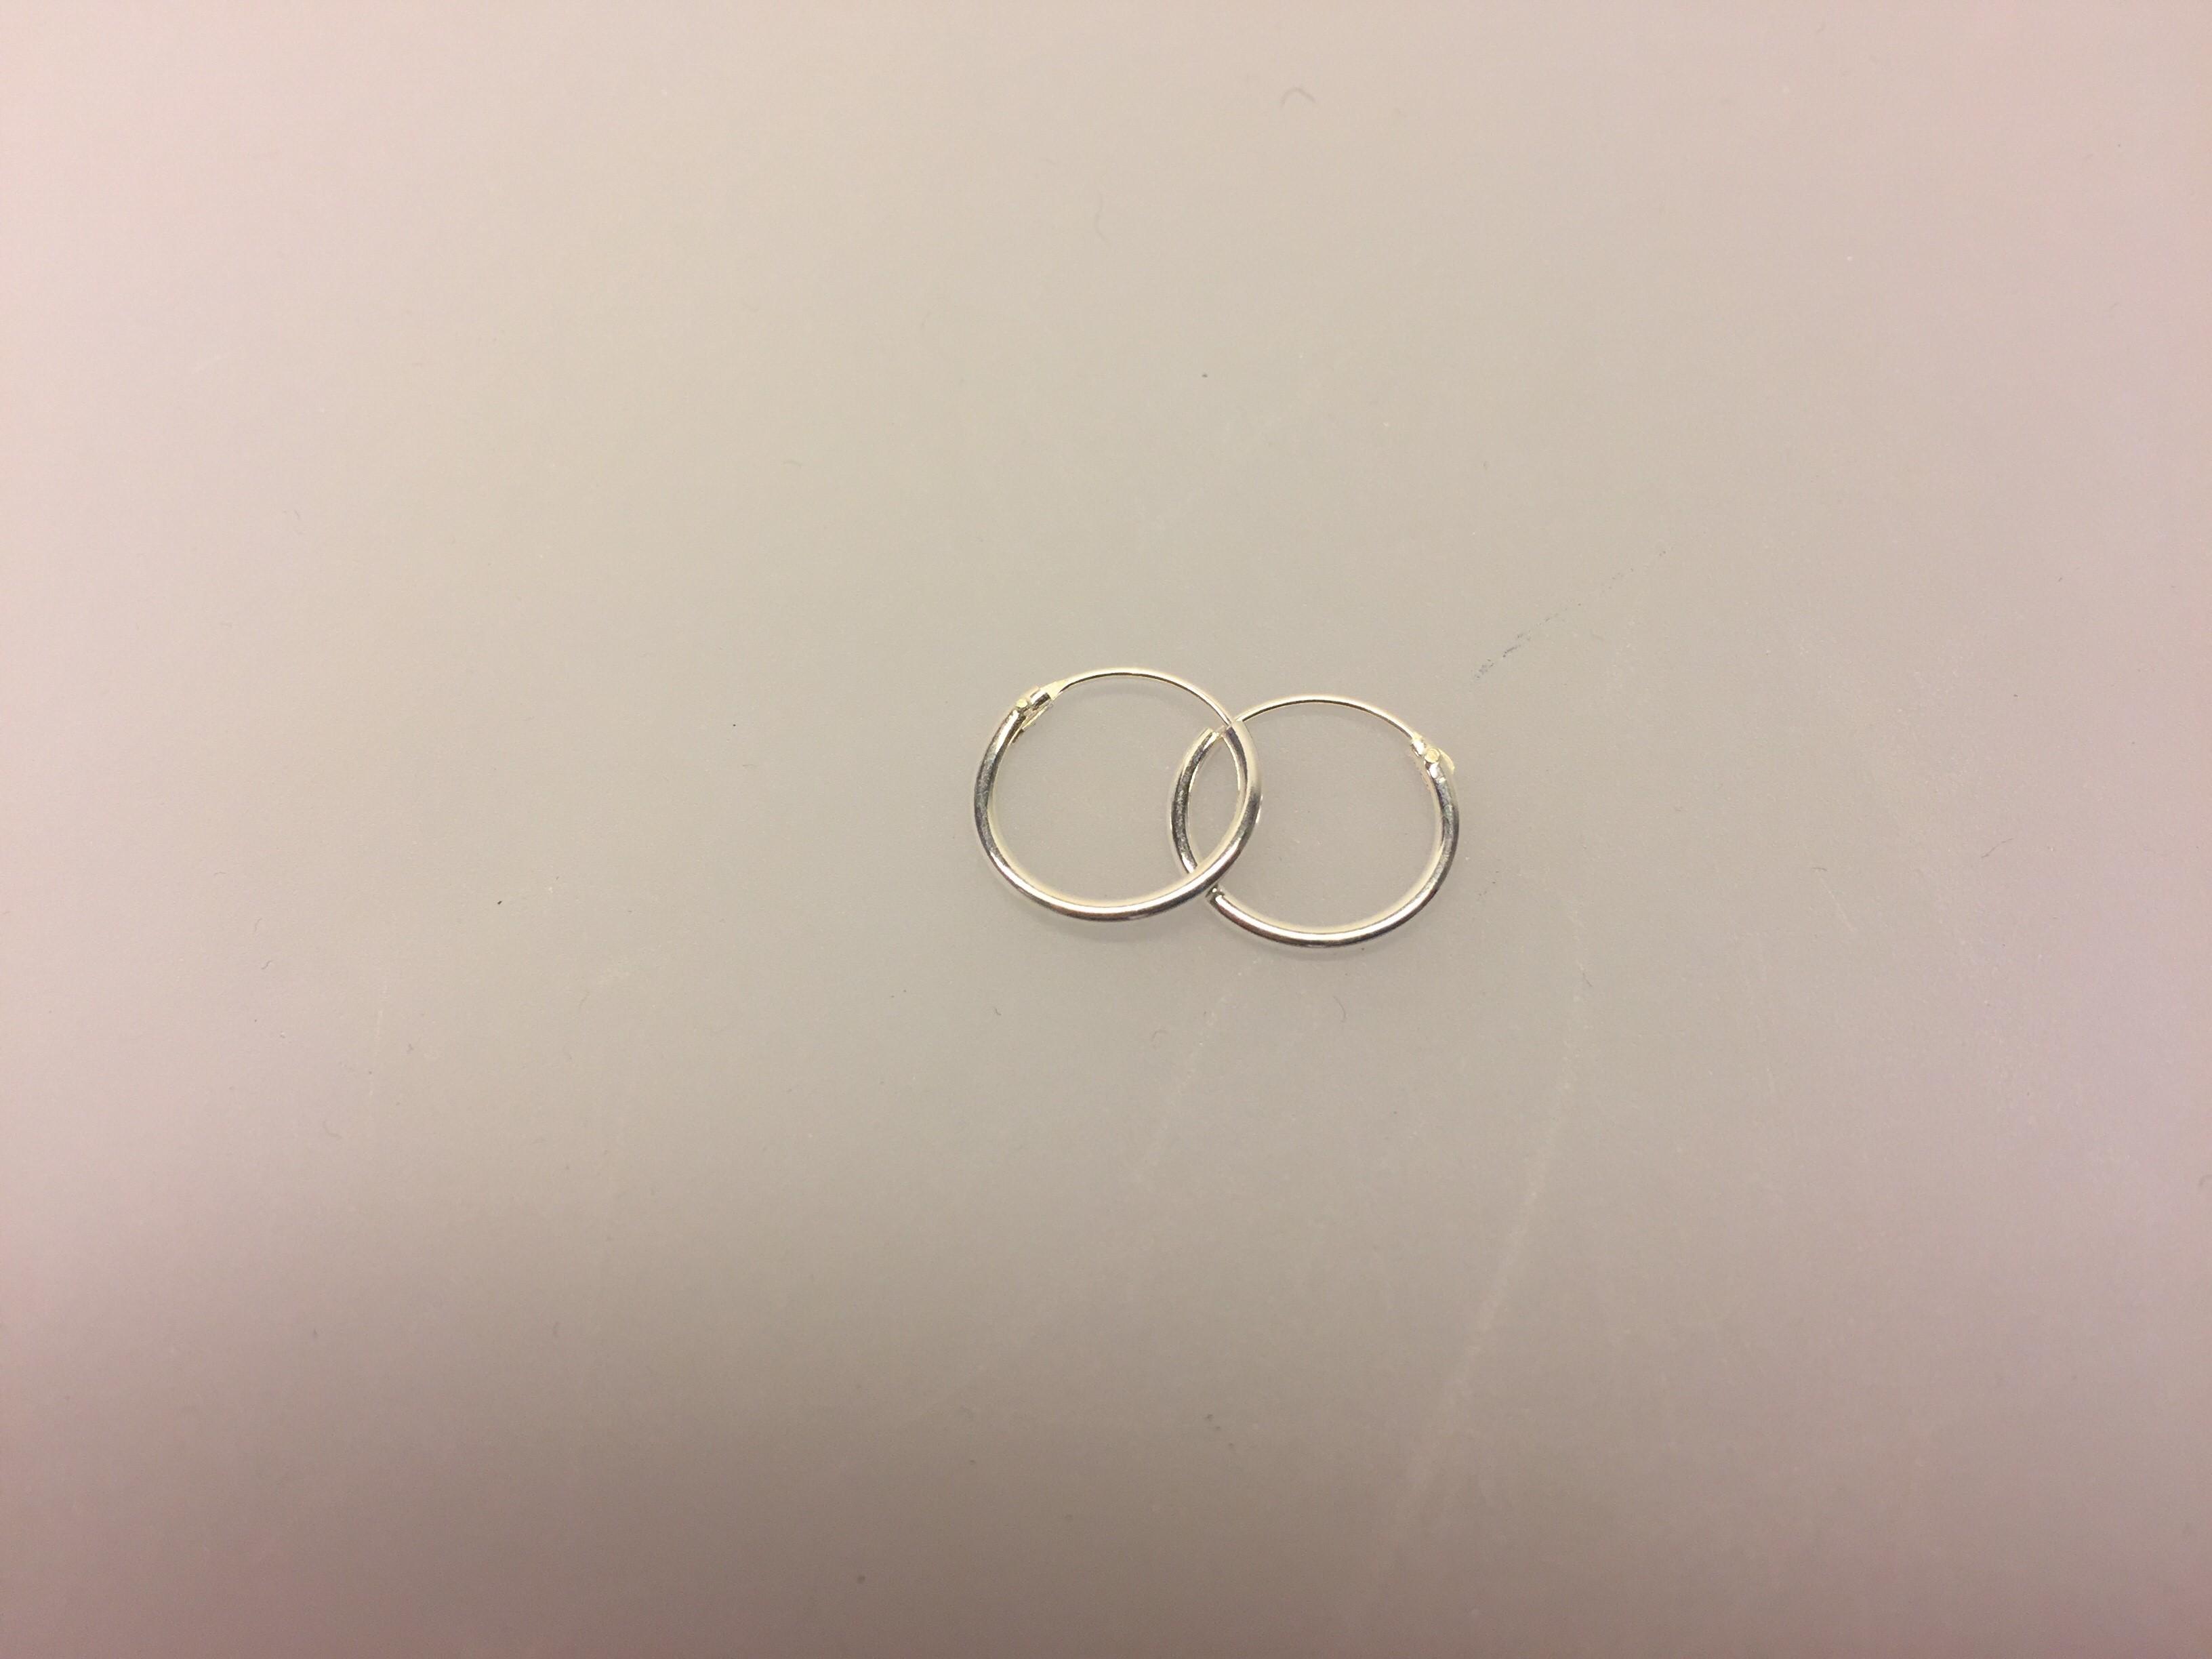 e48c71215a4 Ø 12 mm Creoler sølv - glatte hoops, sølv øreringe, hoops, ørenringe,